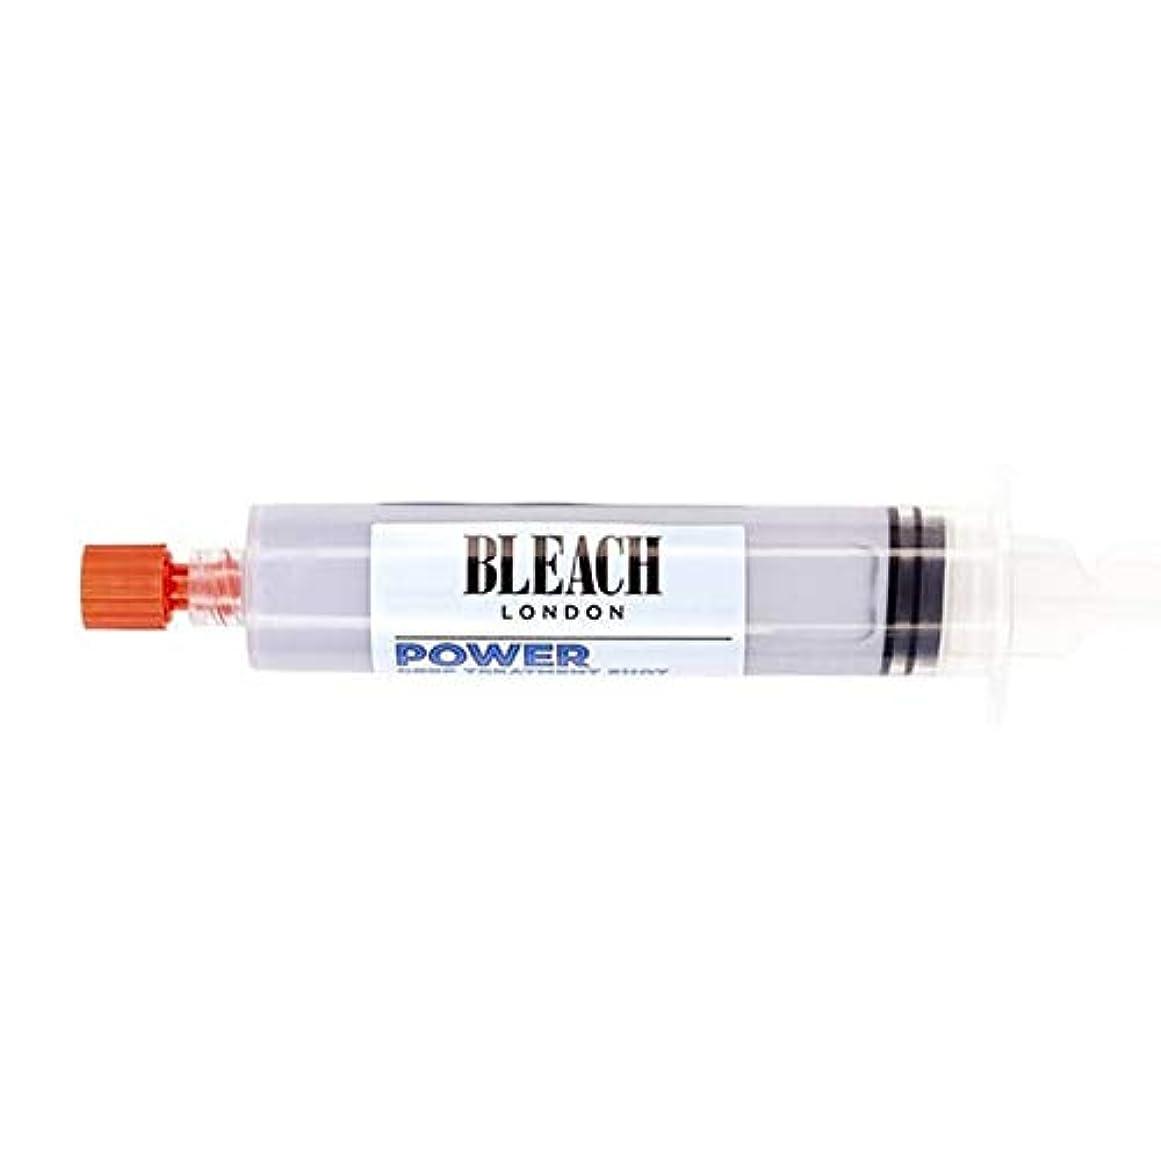 召喚する呼び出すカテナ[Bleach London ] 漂白ロンドン治療ショット - ディープパワー - Bleach London Treatment Shot - Power Deep [並行輸入品]